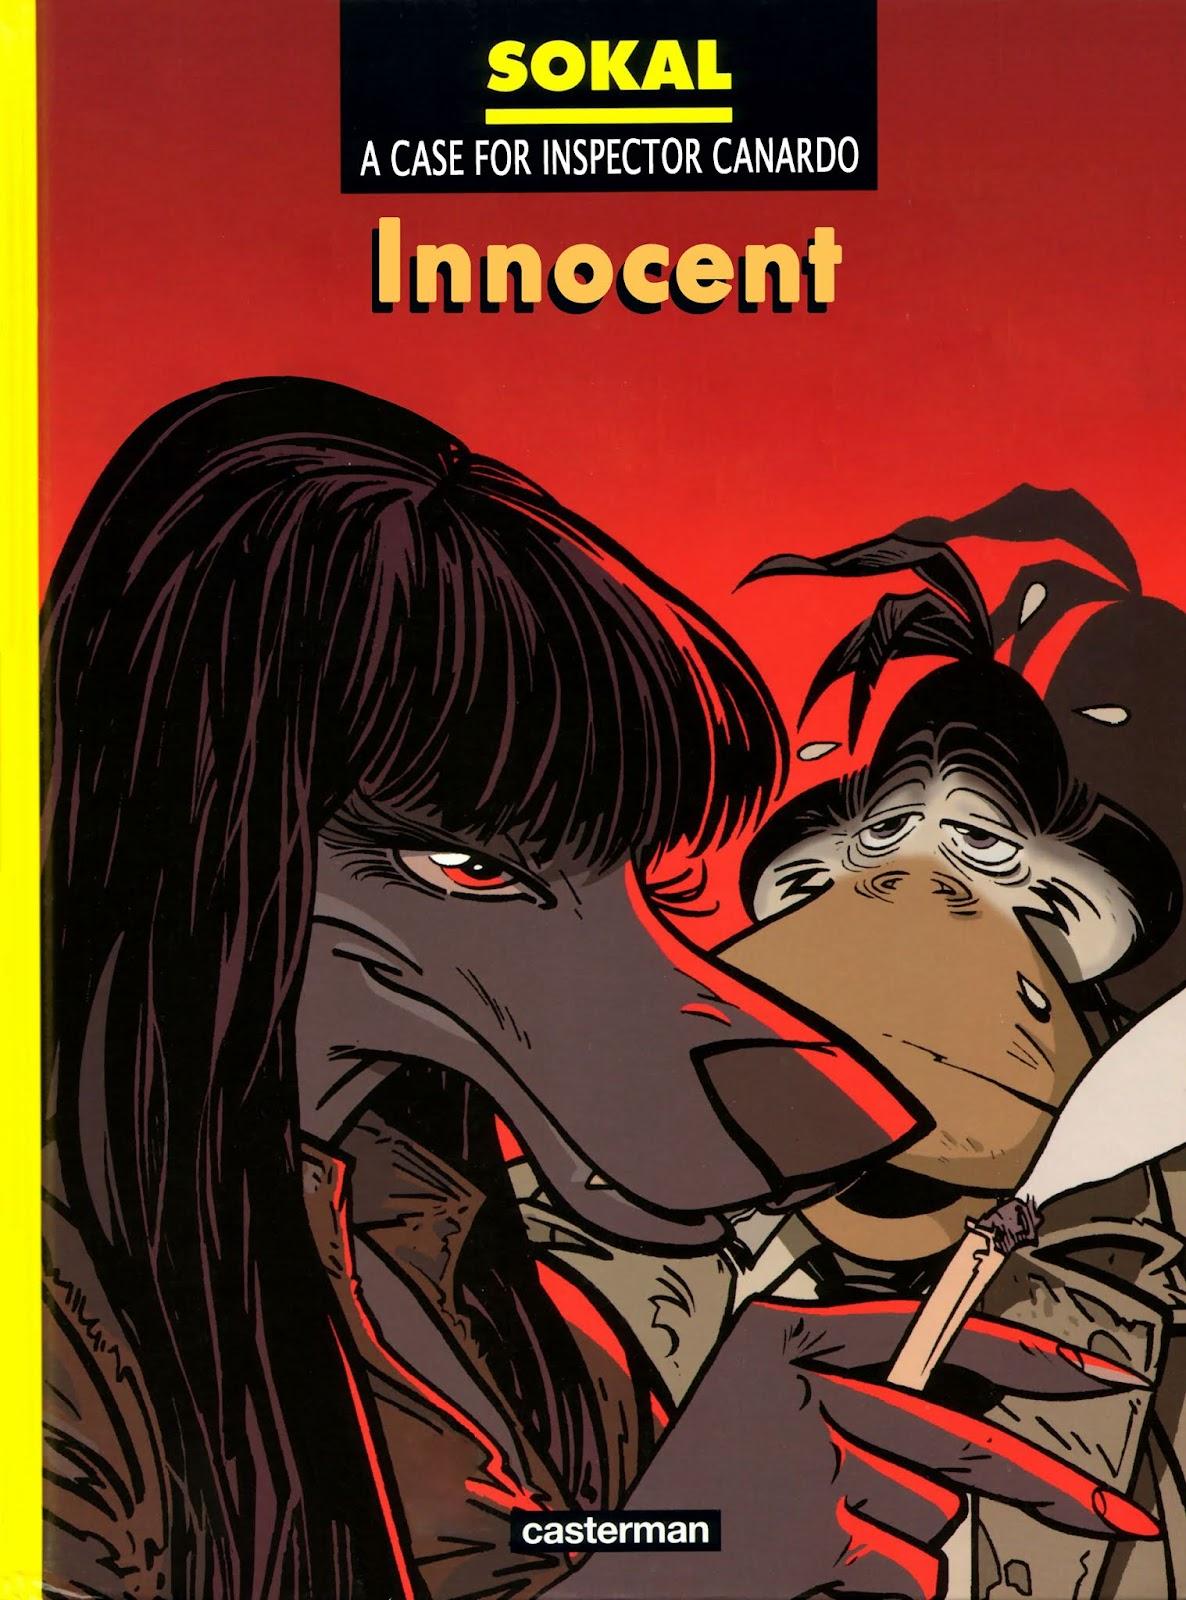 Une enquête de l'inspecteur Canardo issue 12 - Page 1